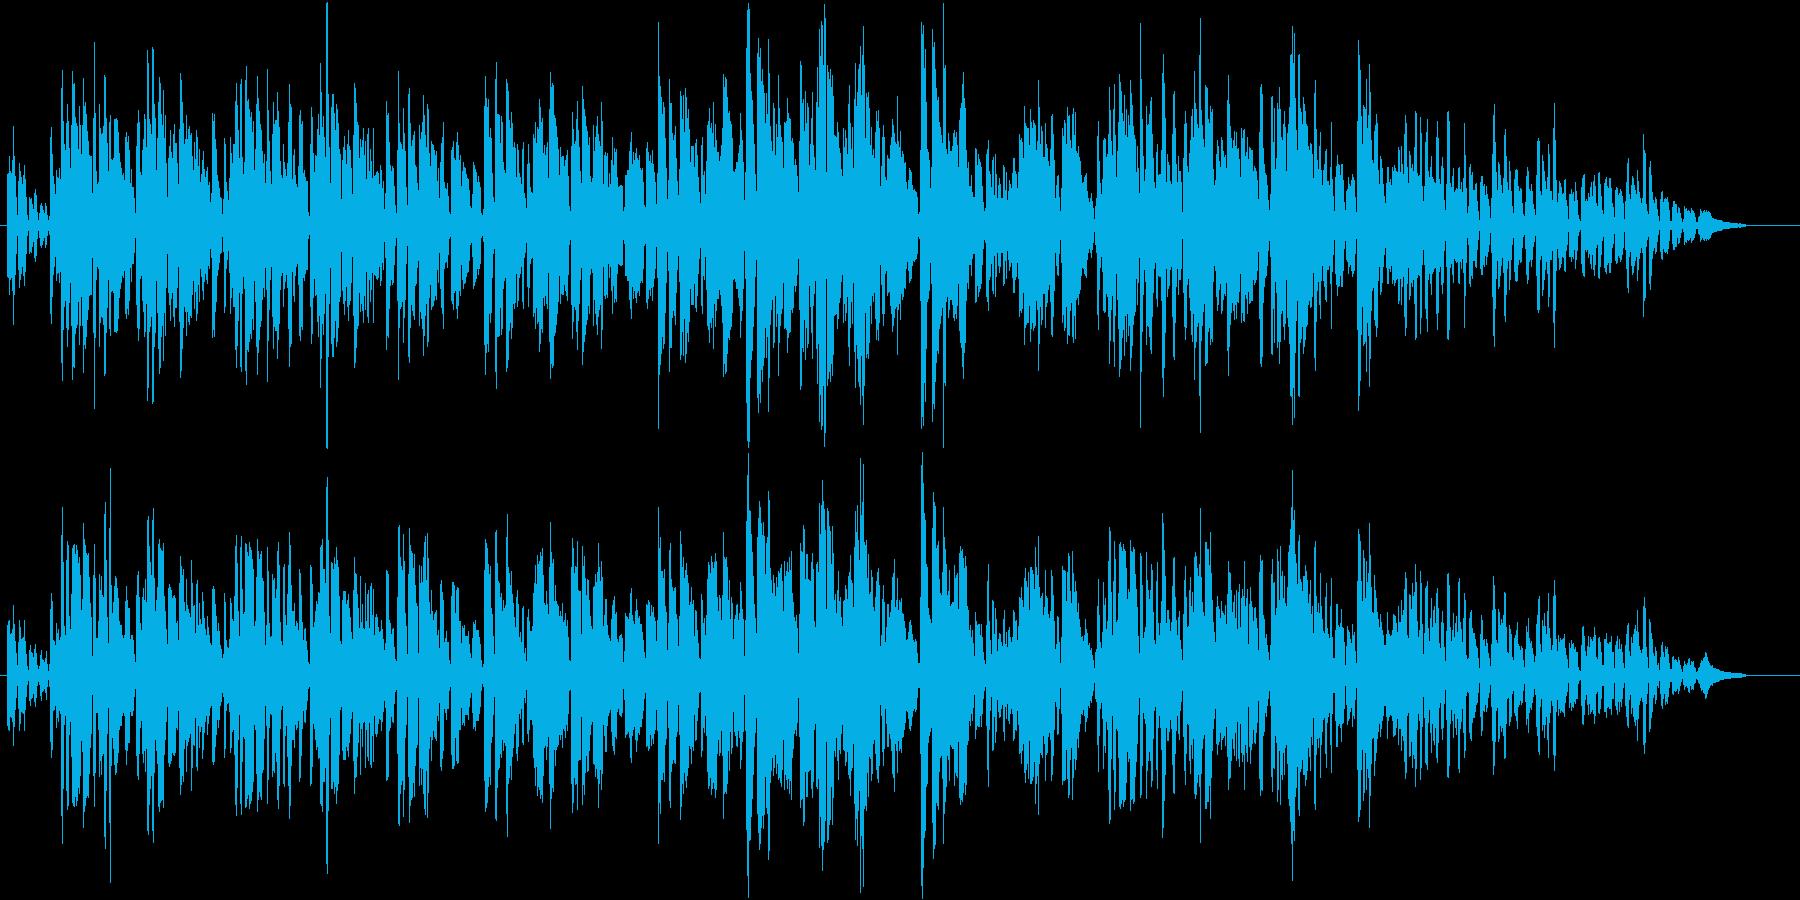 シューベルト「楽興の時」チェロ編曲の再生済みの波形